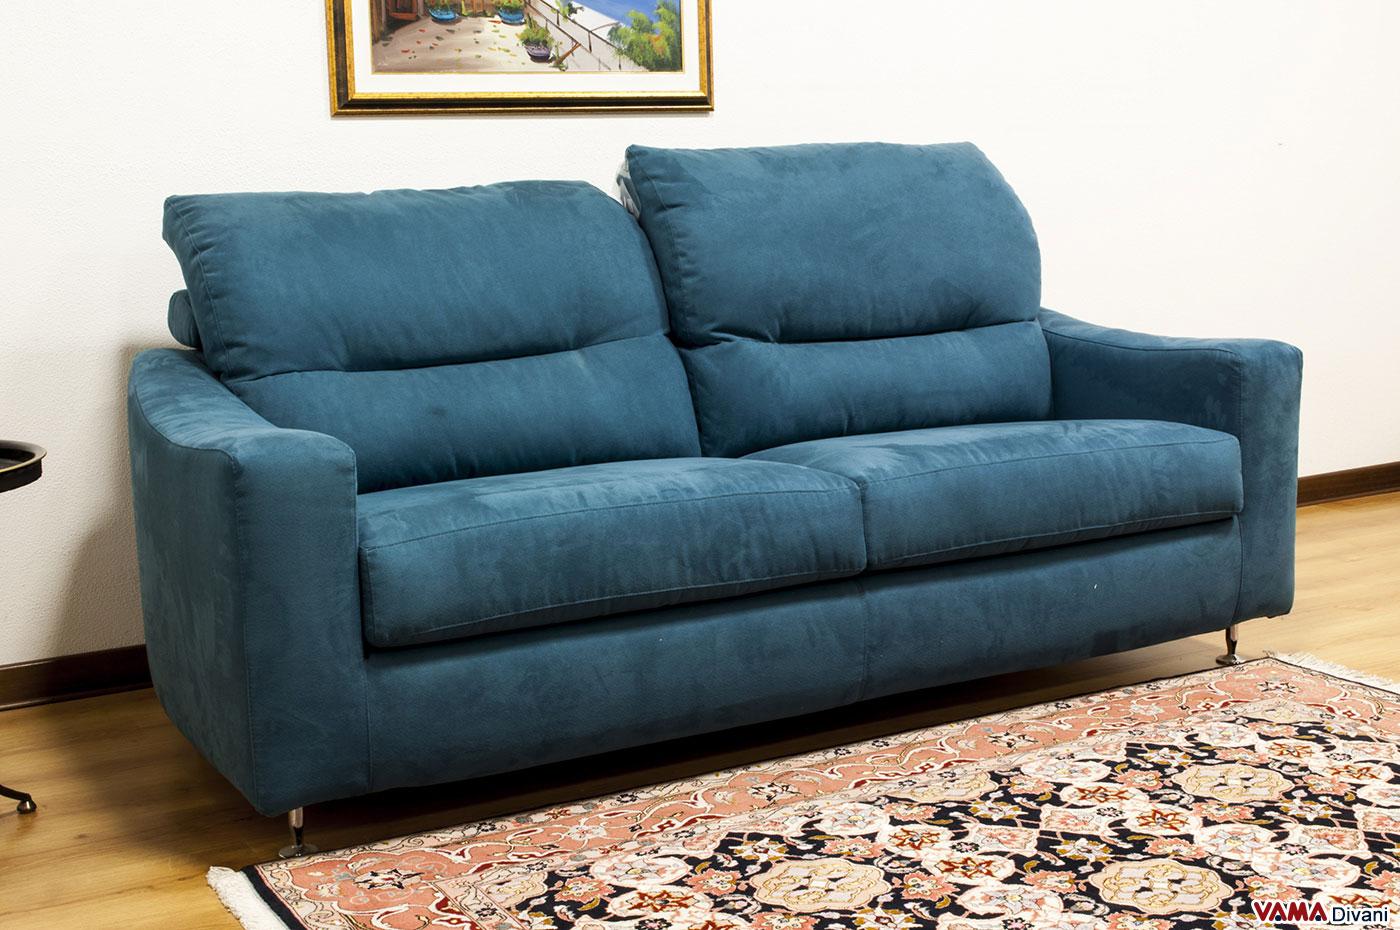 Charlie un interessante divano moderno - Microfibra divano ...